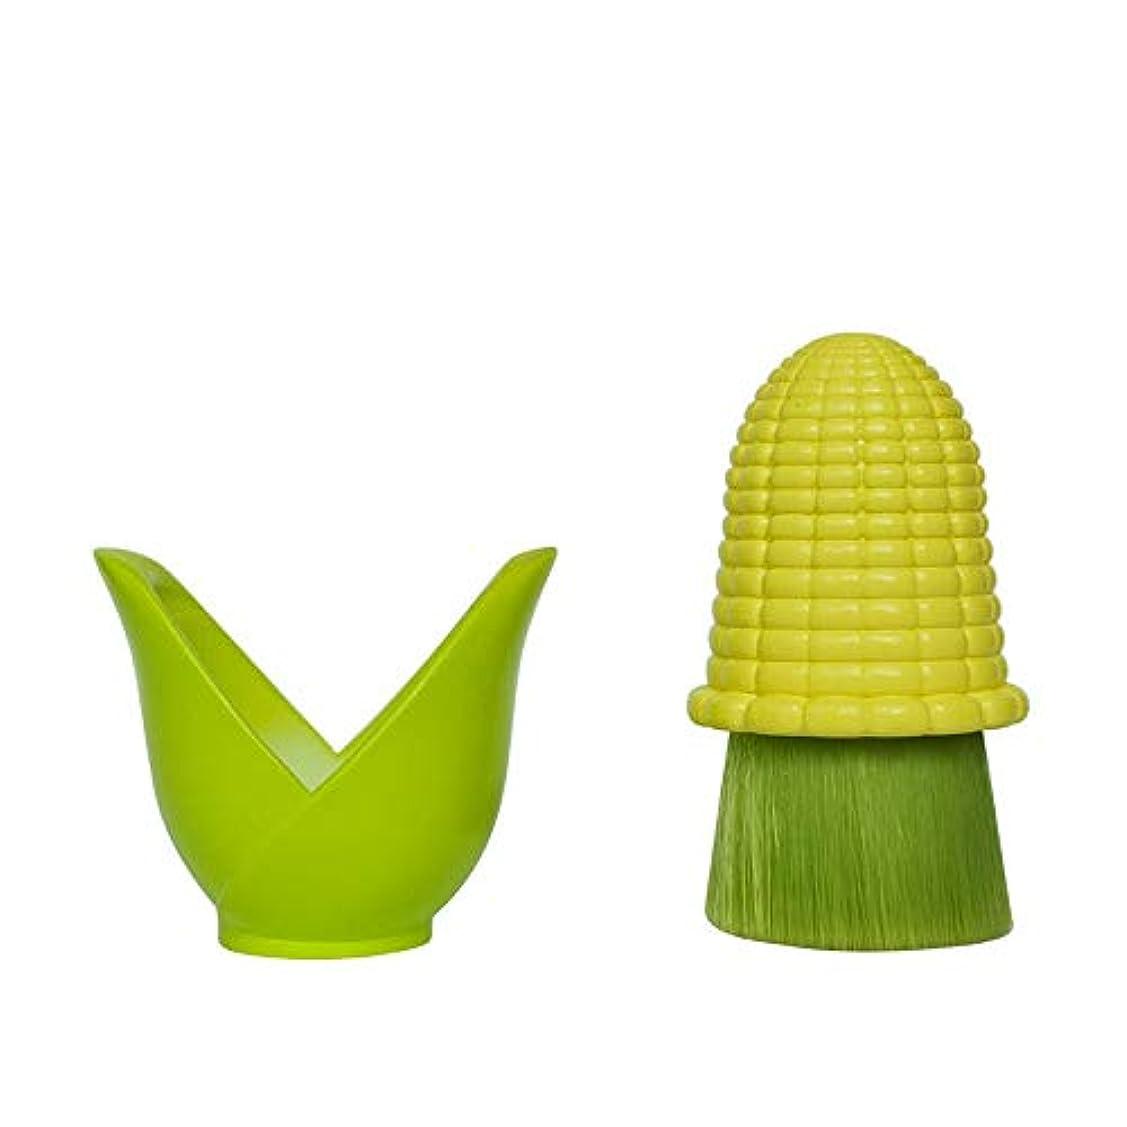 核埋め込むであるLYX イエローコーンウォッシュブラシ、カバーマニュアルプラントシリーズのクリーニングアーティファクト美容ツールで洗顔ブラシ、抗菌本物のスーパーソフトフェイスクリーニングブラシ、 (Color : Yellow)